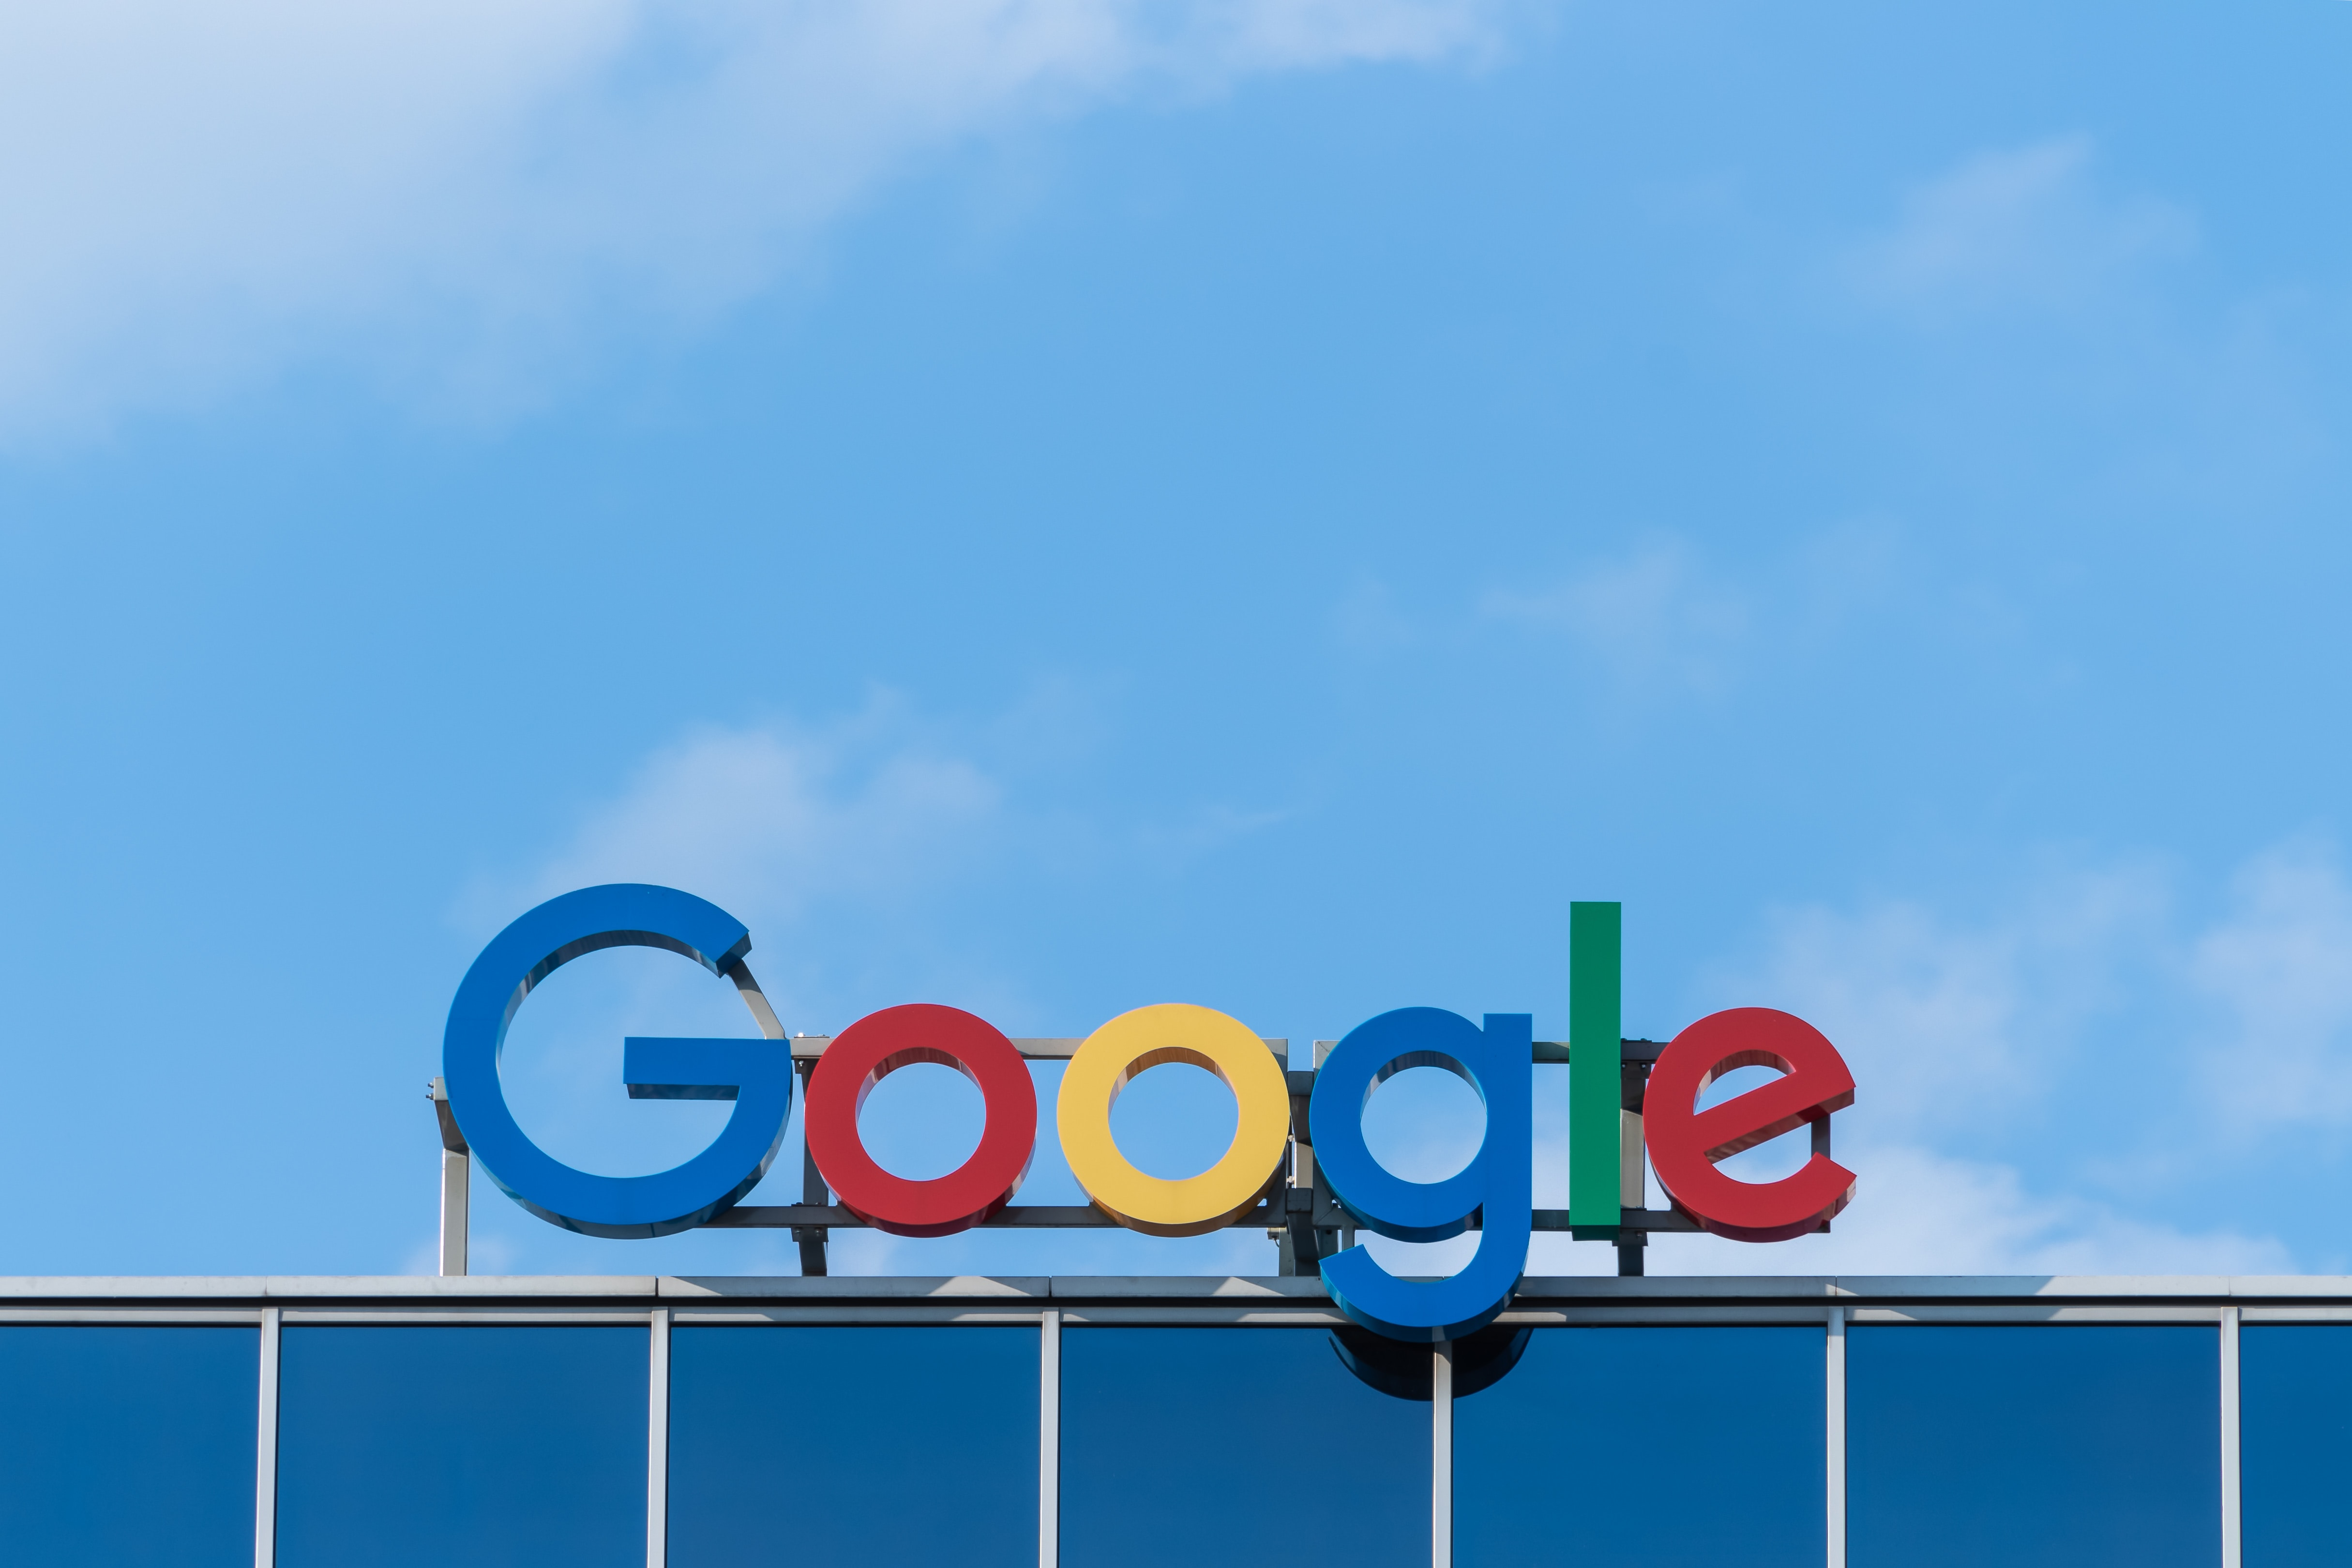 Pour éviter la prolifération des arnaques, Google va vérifier l'identité de tous ses annonceurs